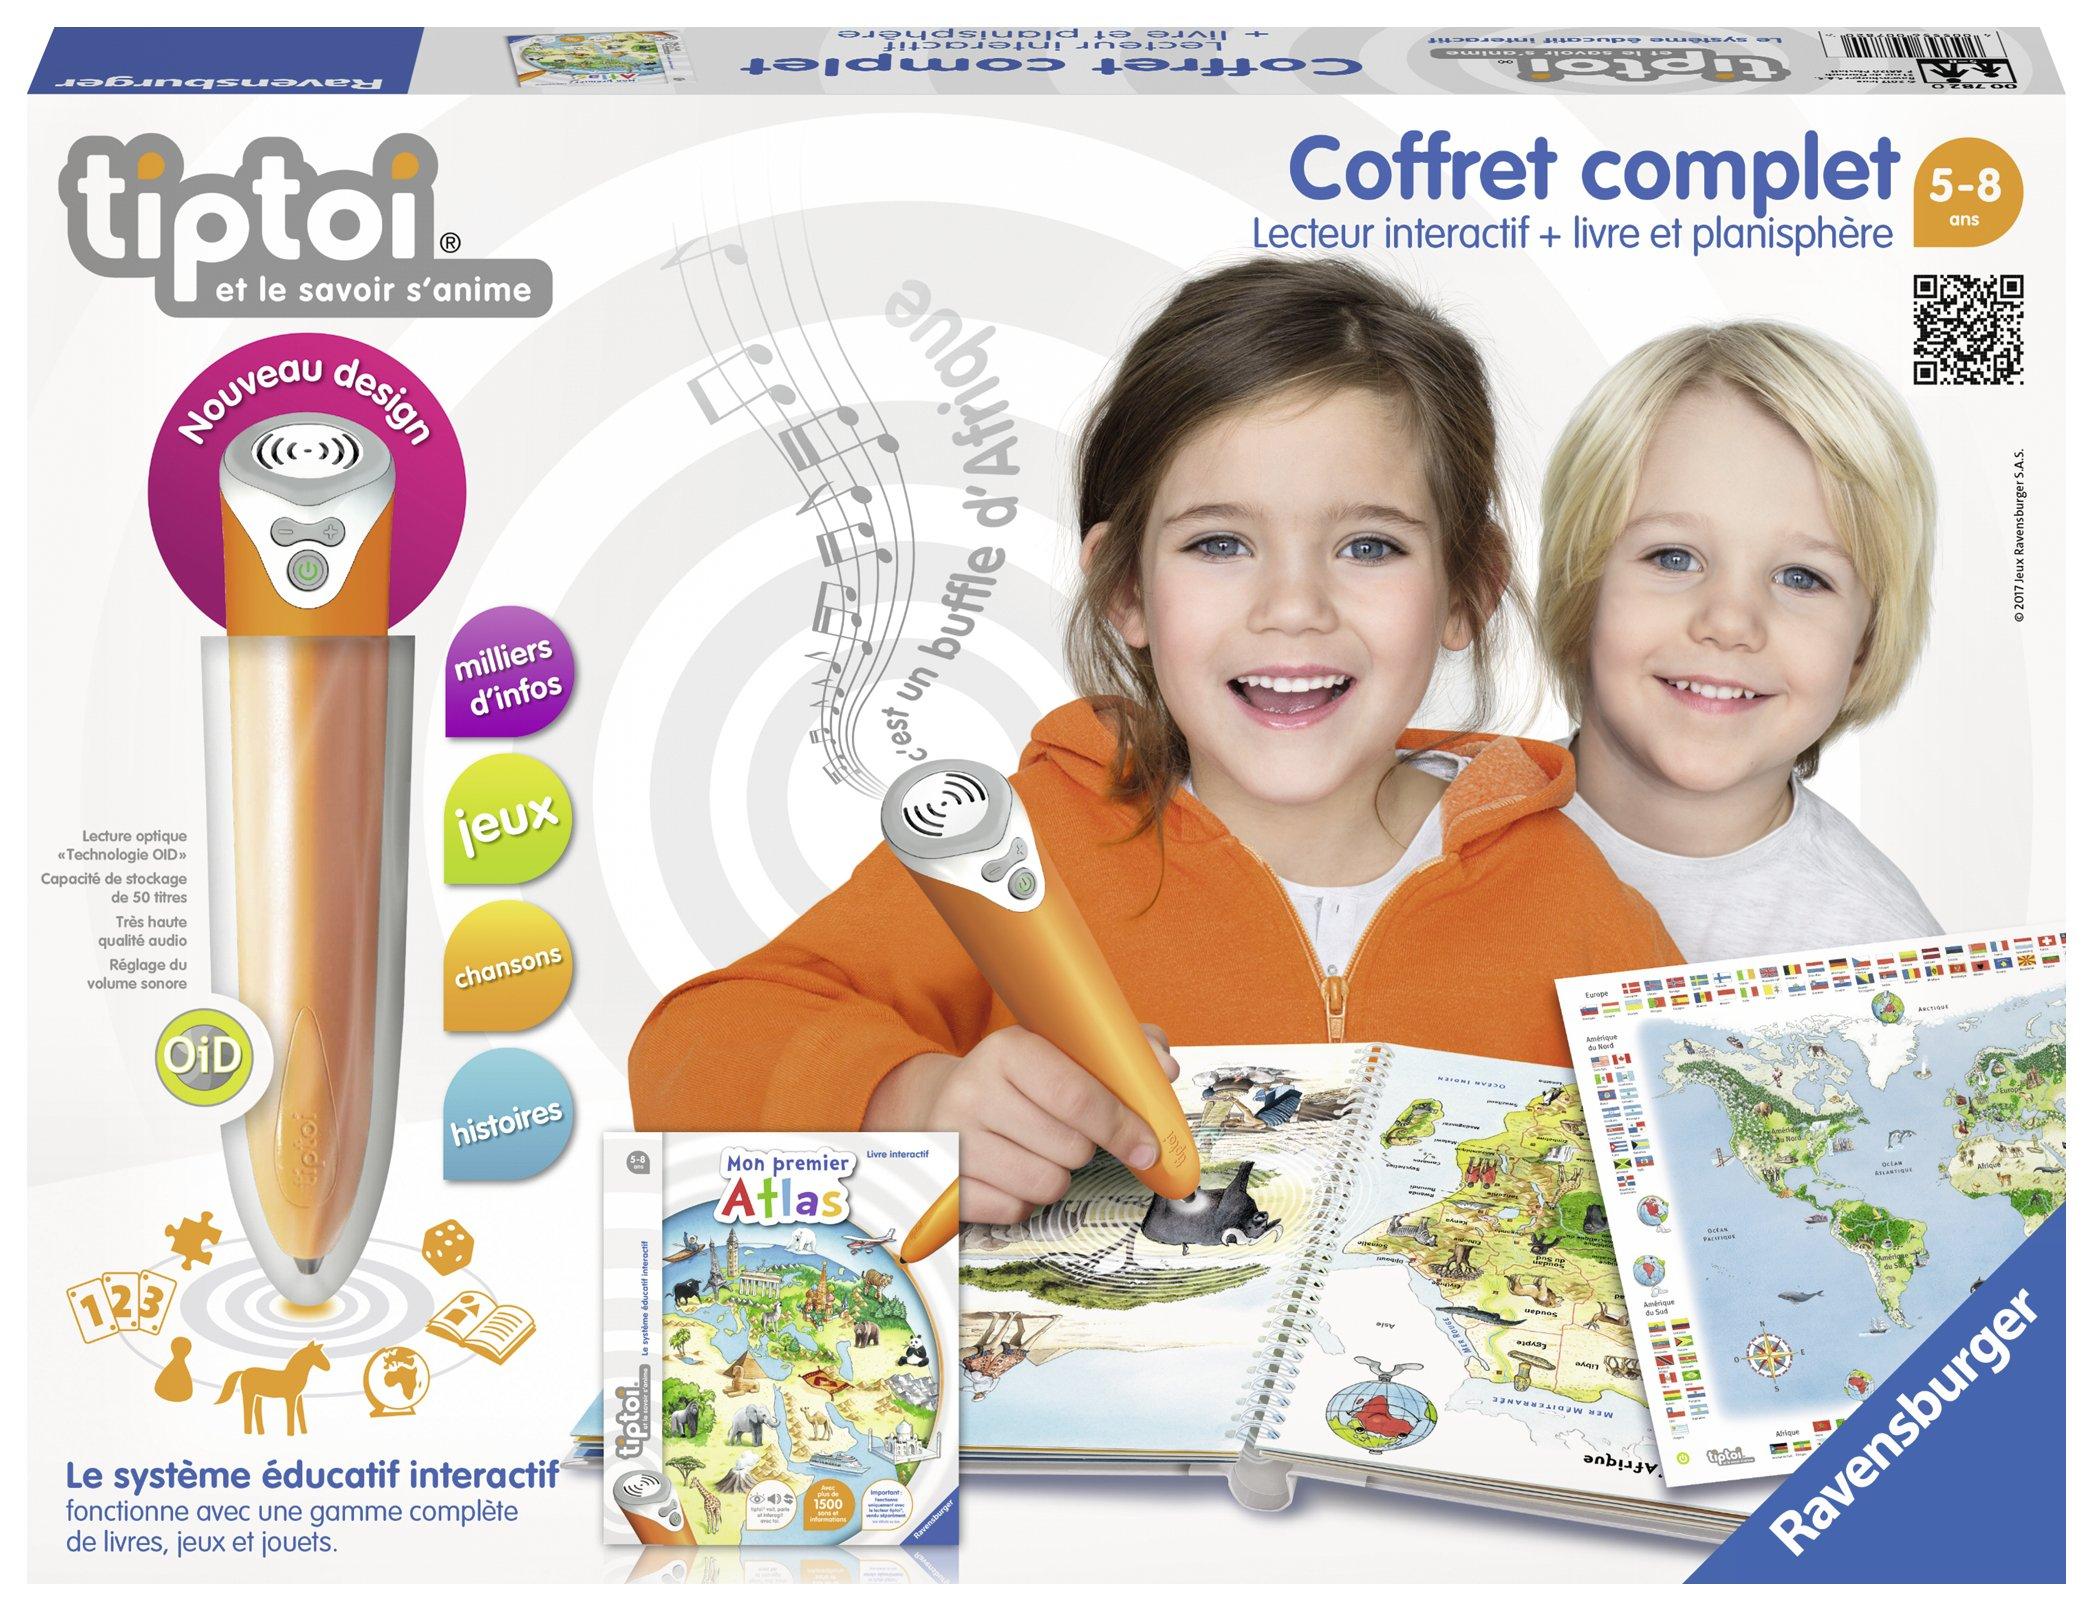 Ravensburger - 00782 - Coffret Complet Lecteur + Livre Atlas Tiptoi product image